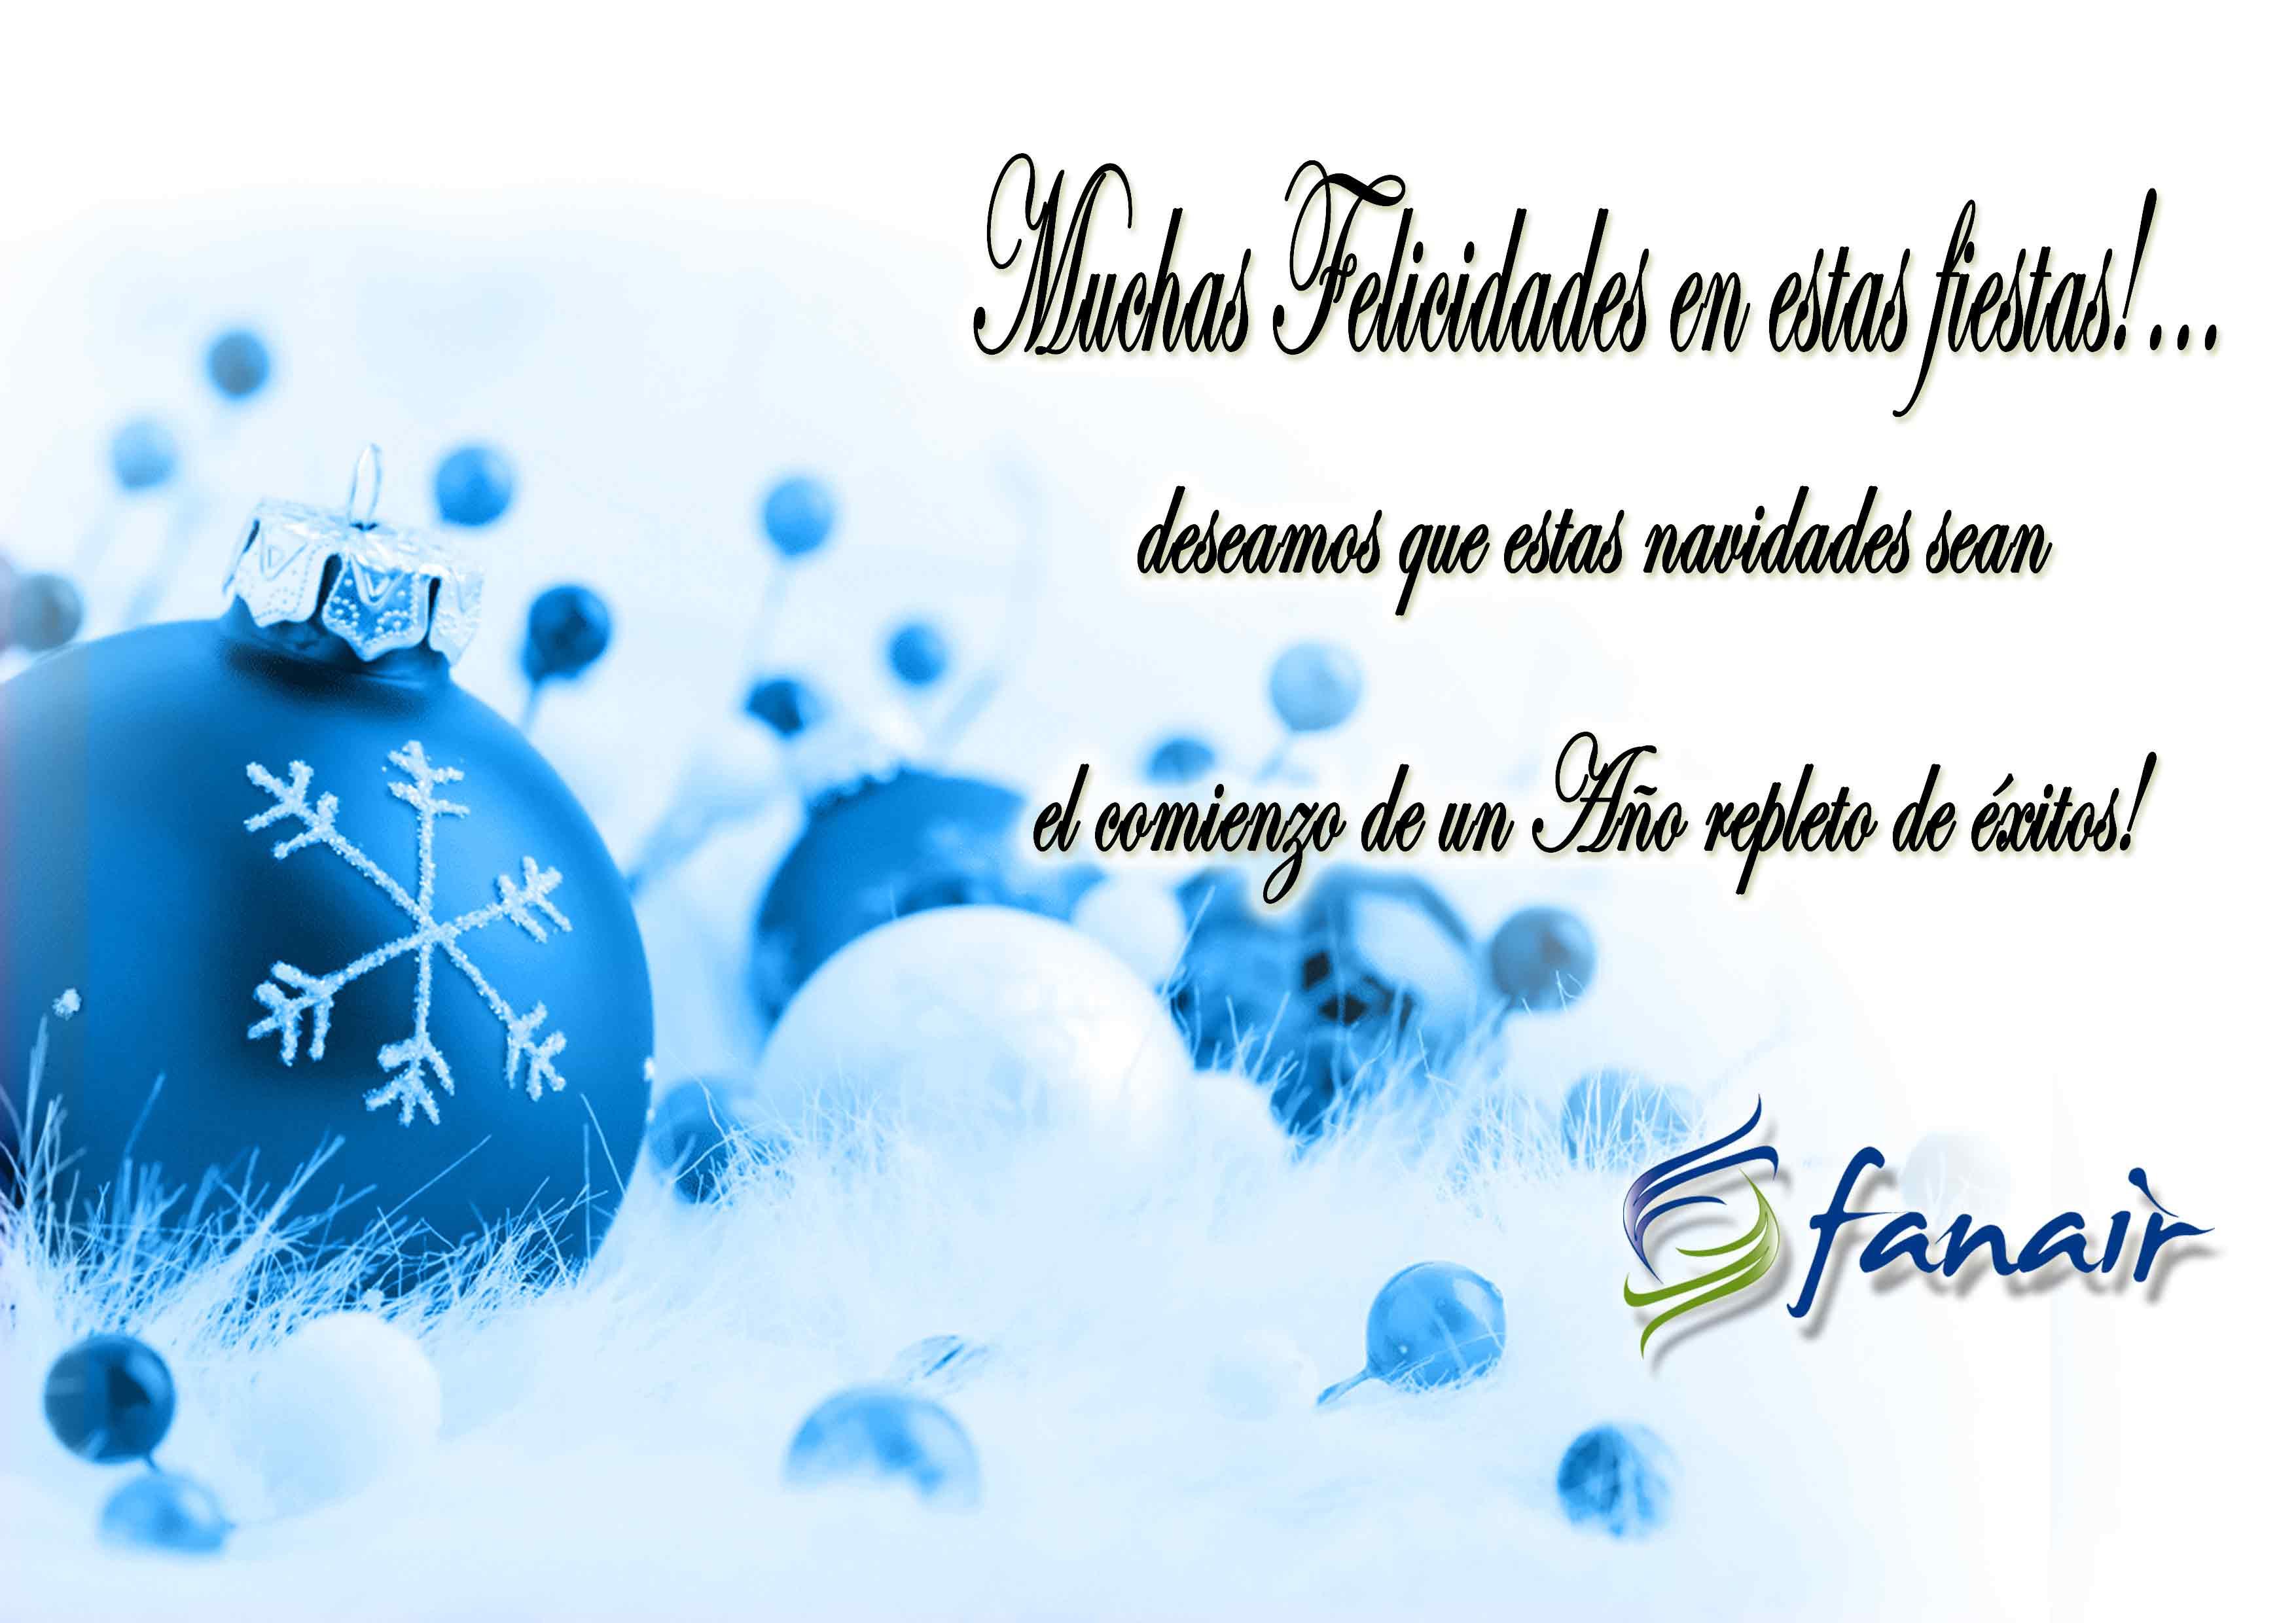 Muchas felicidades en estas fiestas!...deseamos que estas navidades sean el comienzo de un año pleno de éxitos.